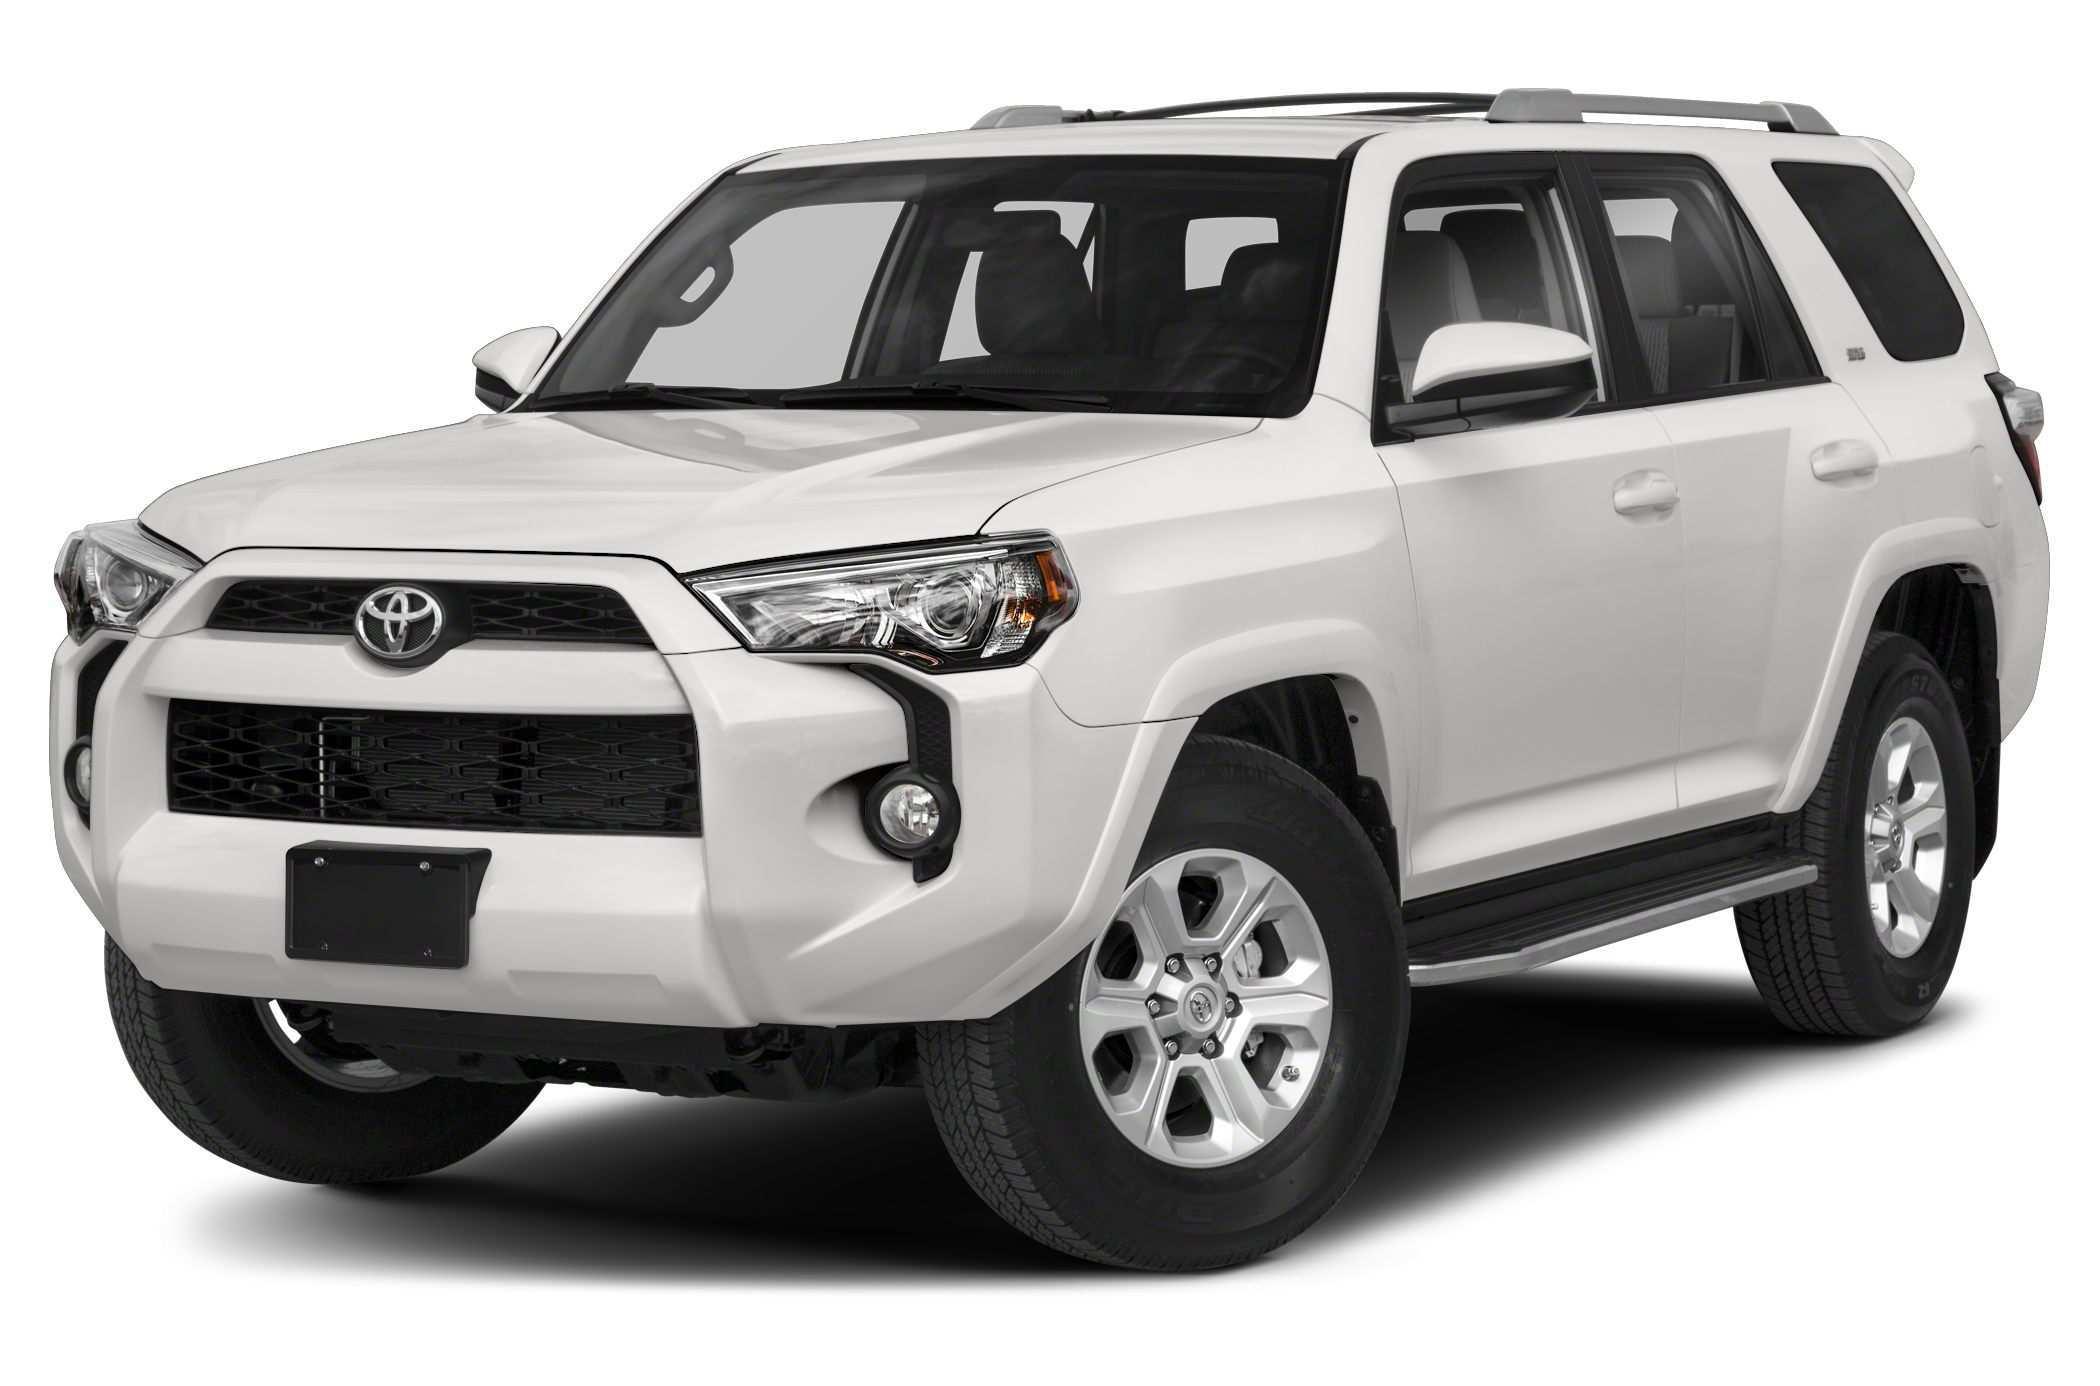 50 New Toyota 2019 Forerunner Reviews for Toyota 2019 Forerunner